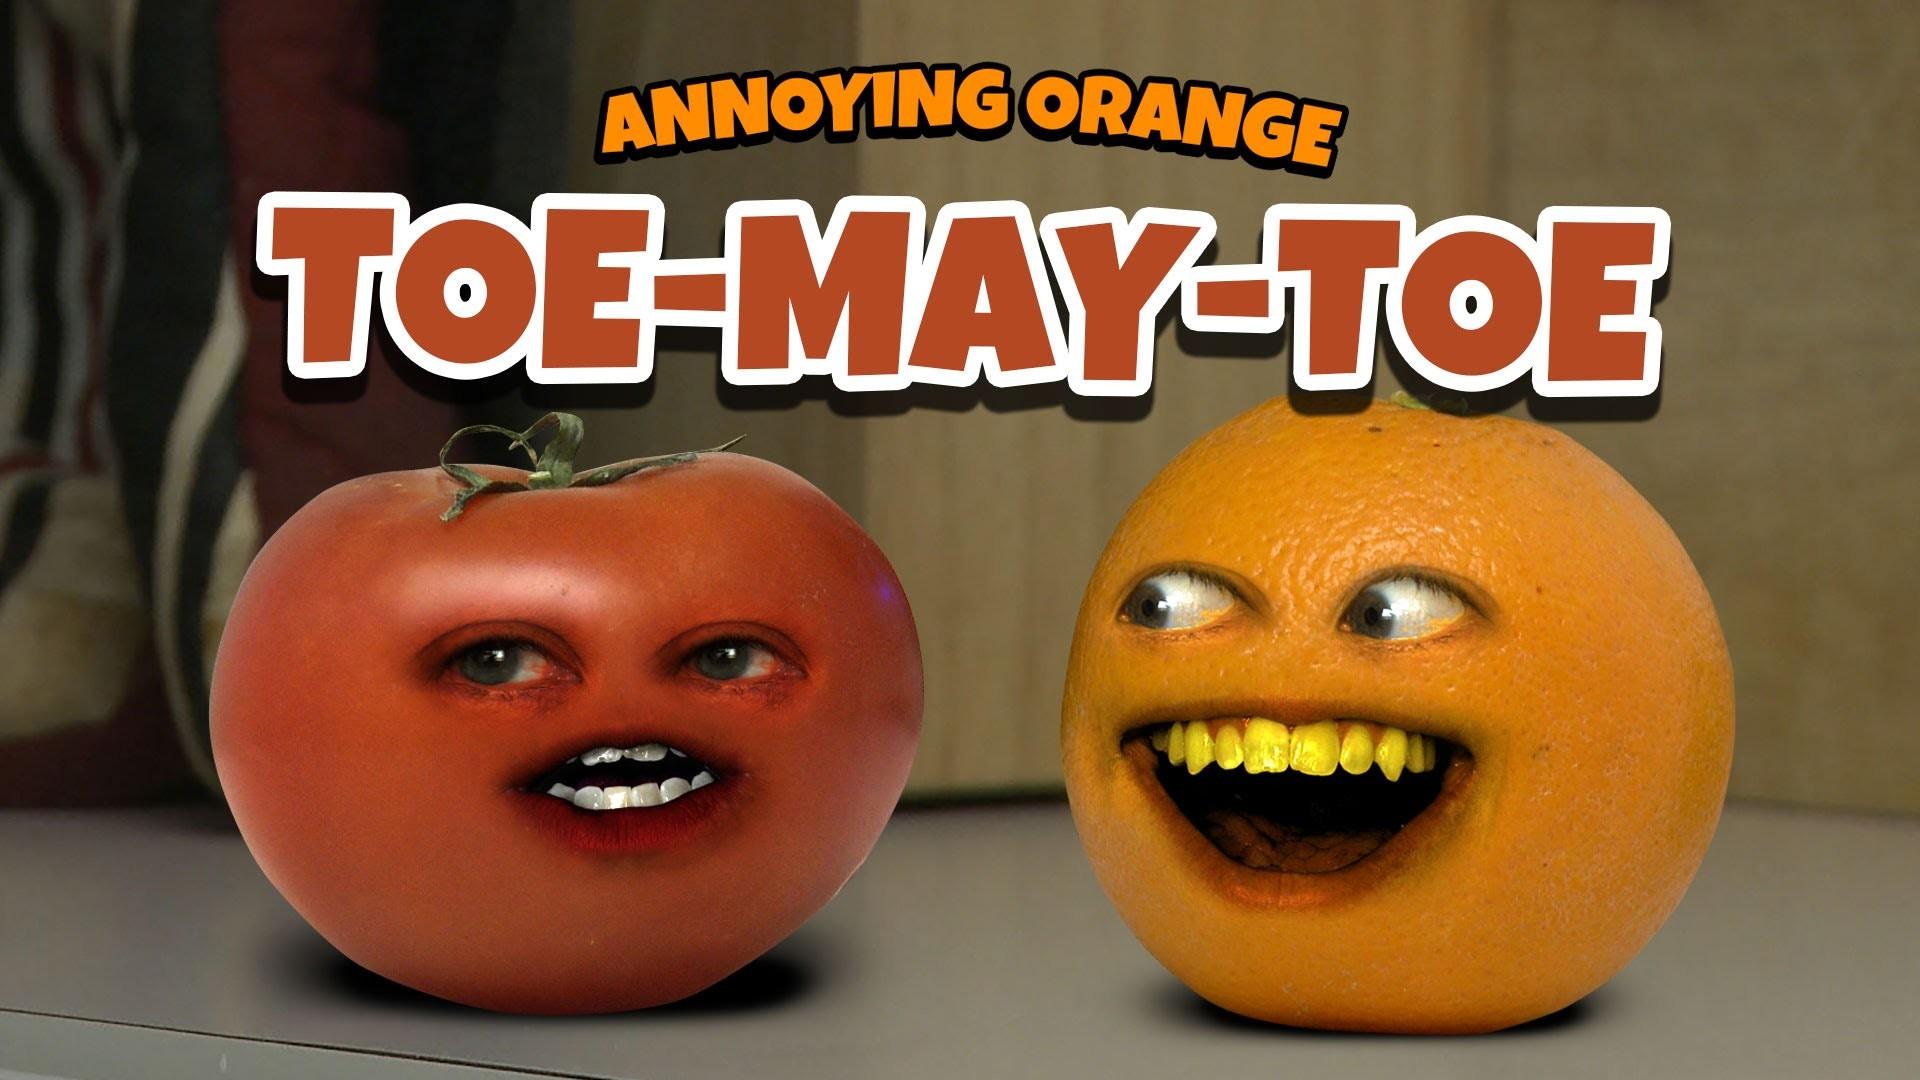 Annoying Orange Wallpaper 183 ① Wallpapertag